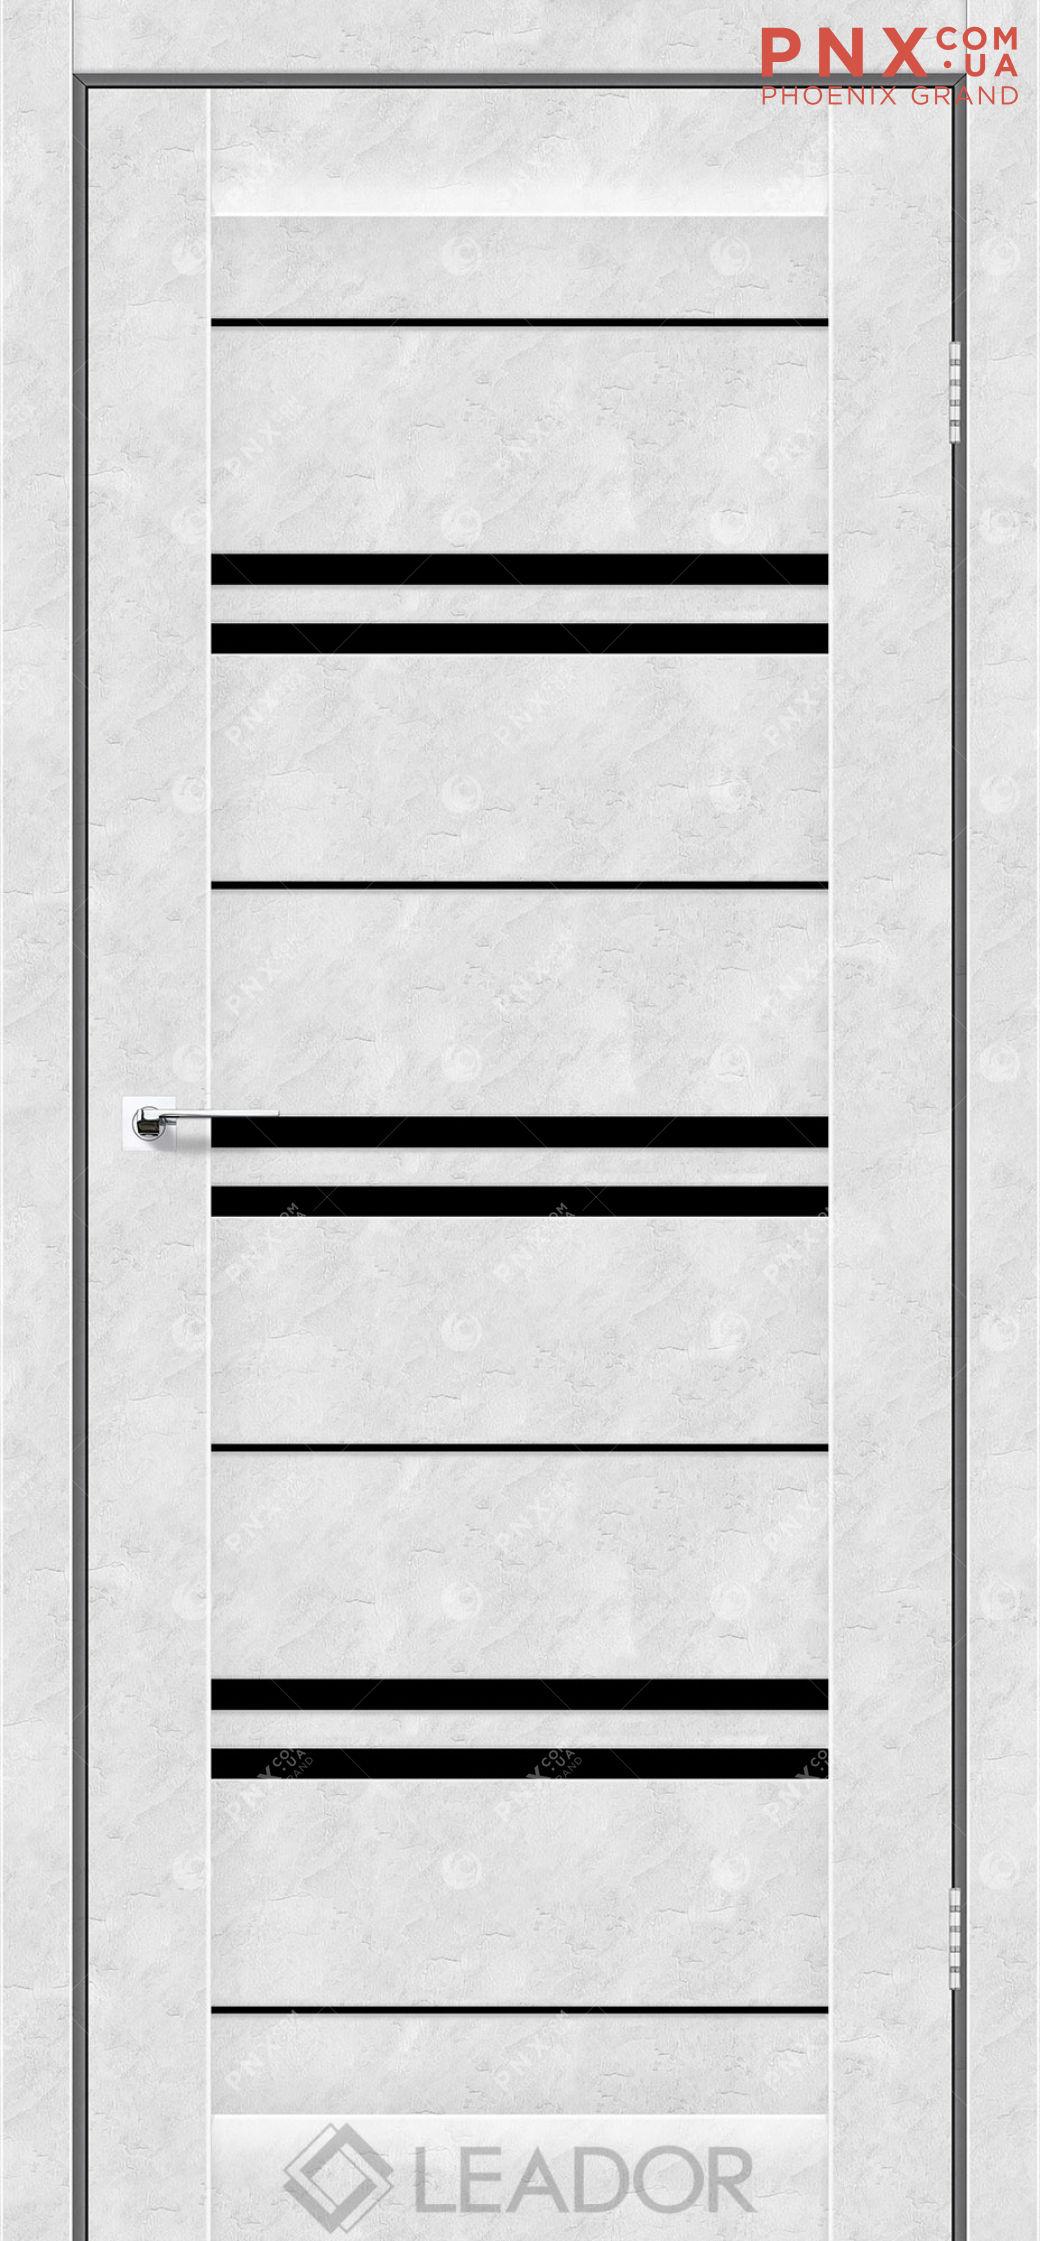 Межкомнатная дверь LEADOR Malta, Бетон Белый, Черное стекло